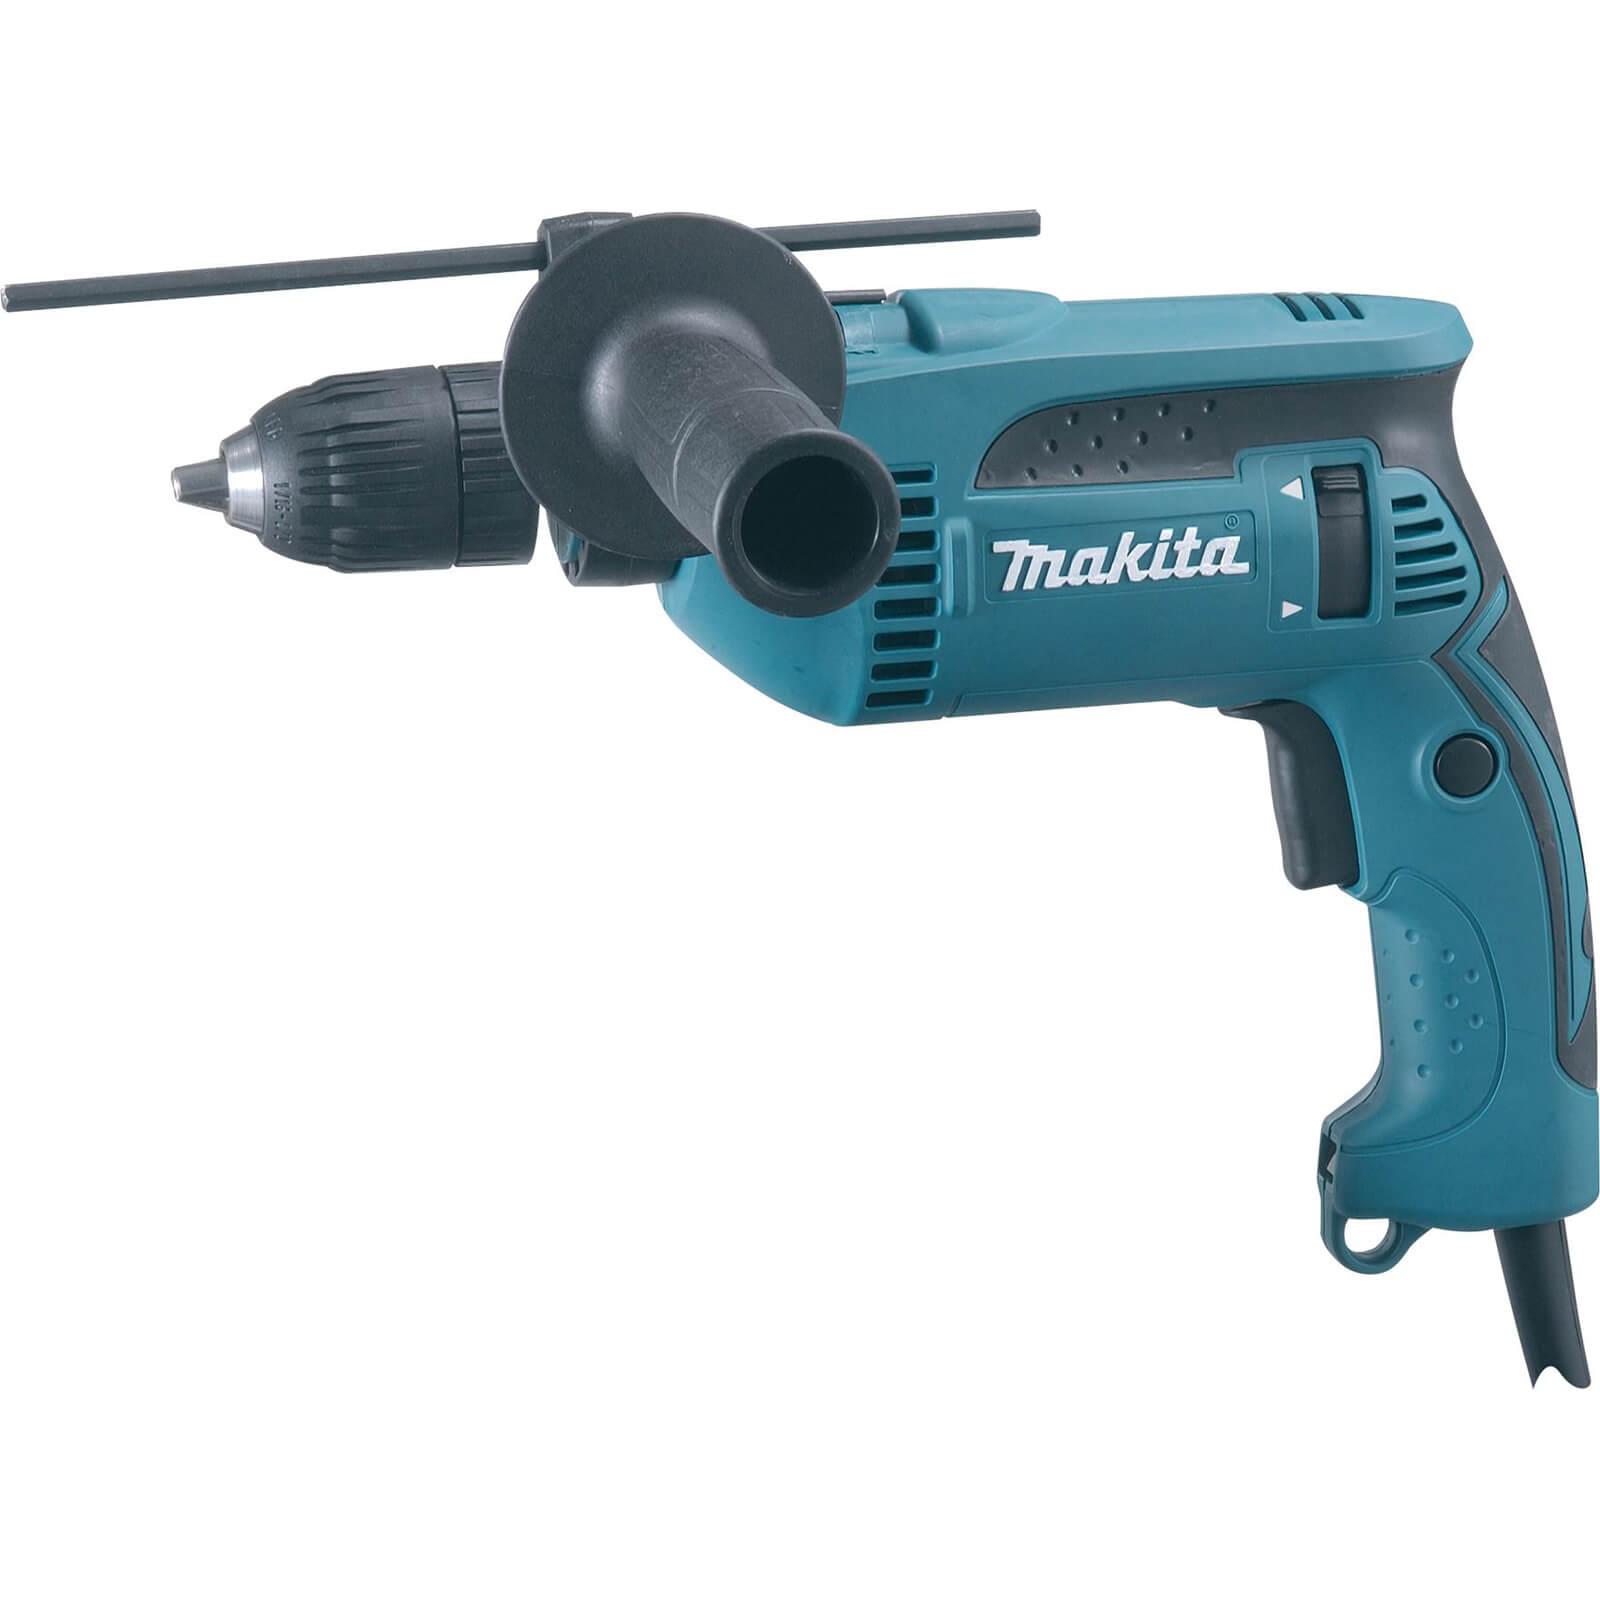 Makita HP1641 Percussion Drill 13mm Keyless Chuck 680w 240v